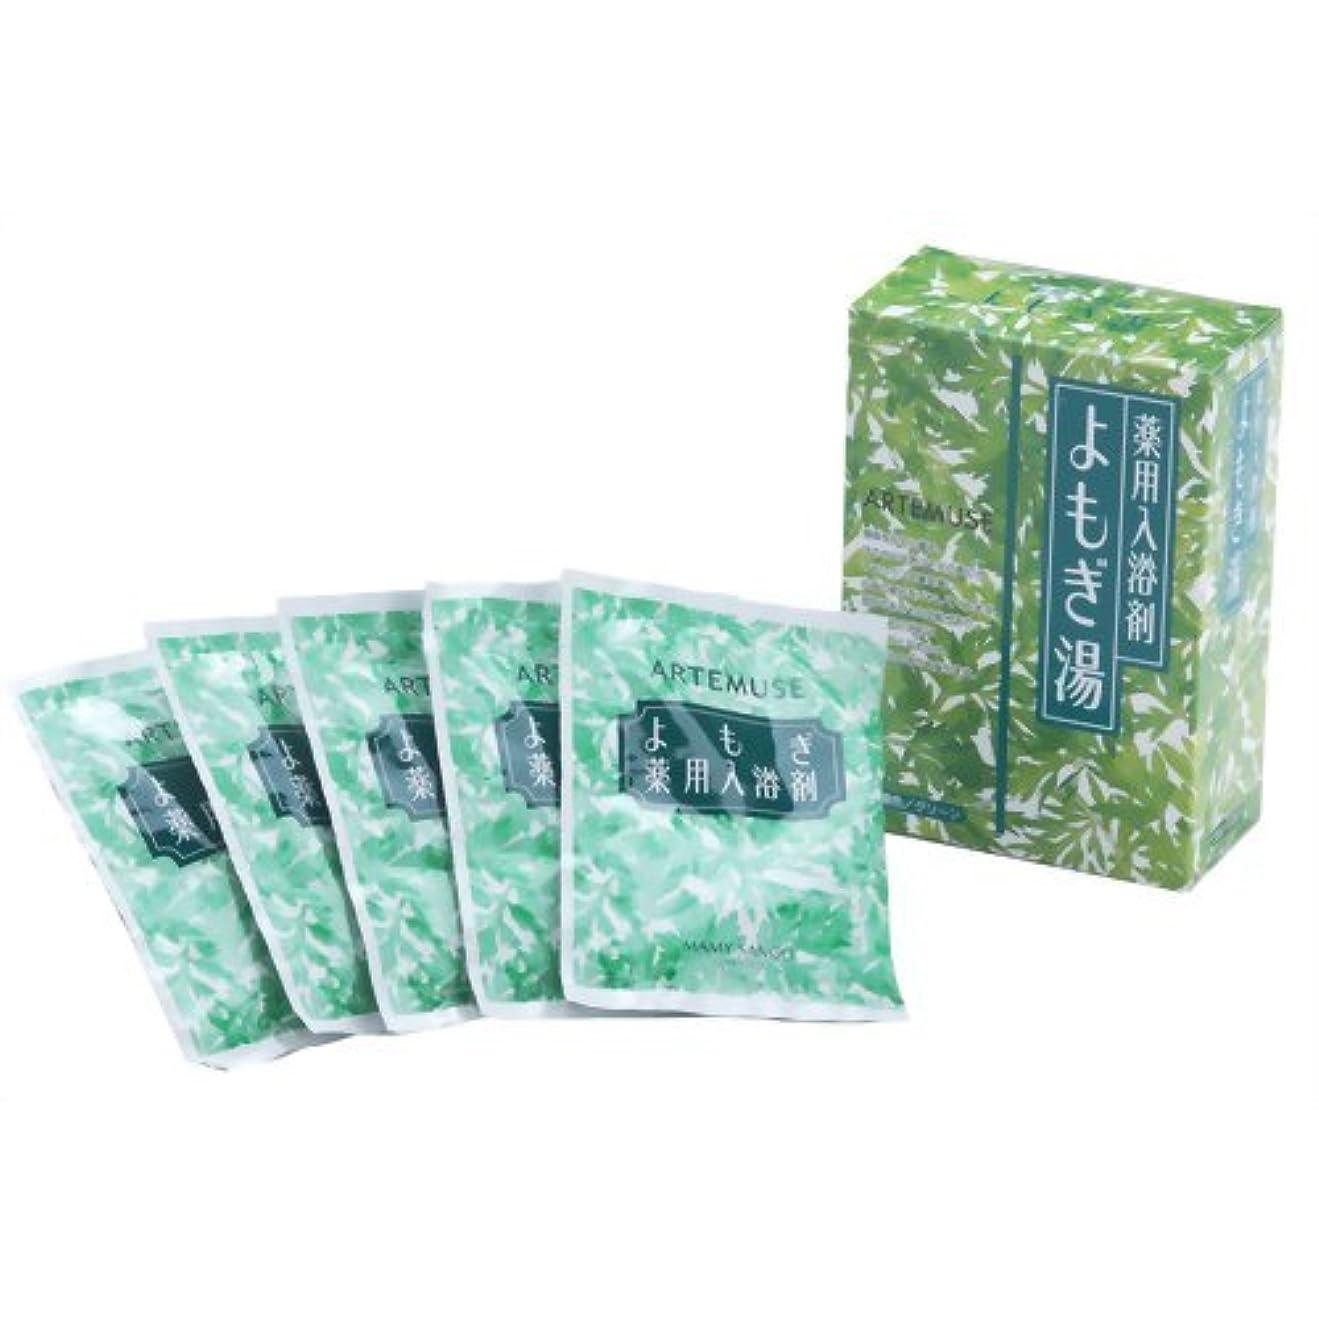 気絶させる細分化するシーフード三興物産 よもぎ薬用シリーズ よもぎ薬用入浴剤 (分包) 30g×5包入